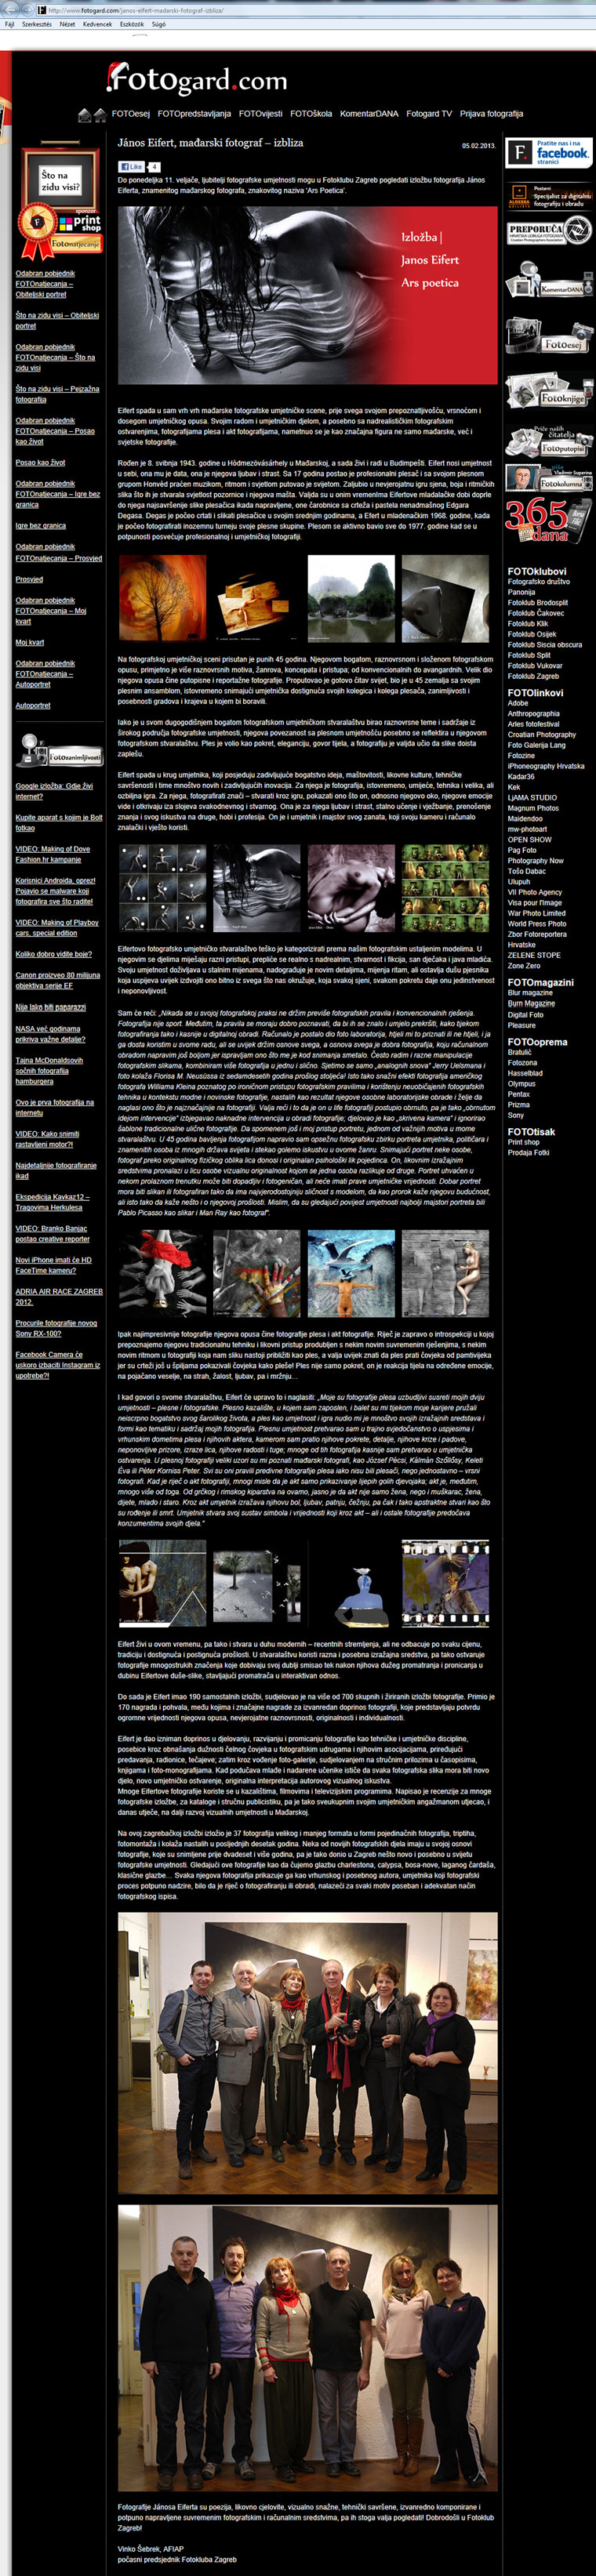 2013.02.05. Fotogard.com, Zagreb